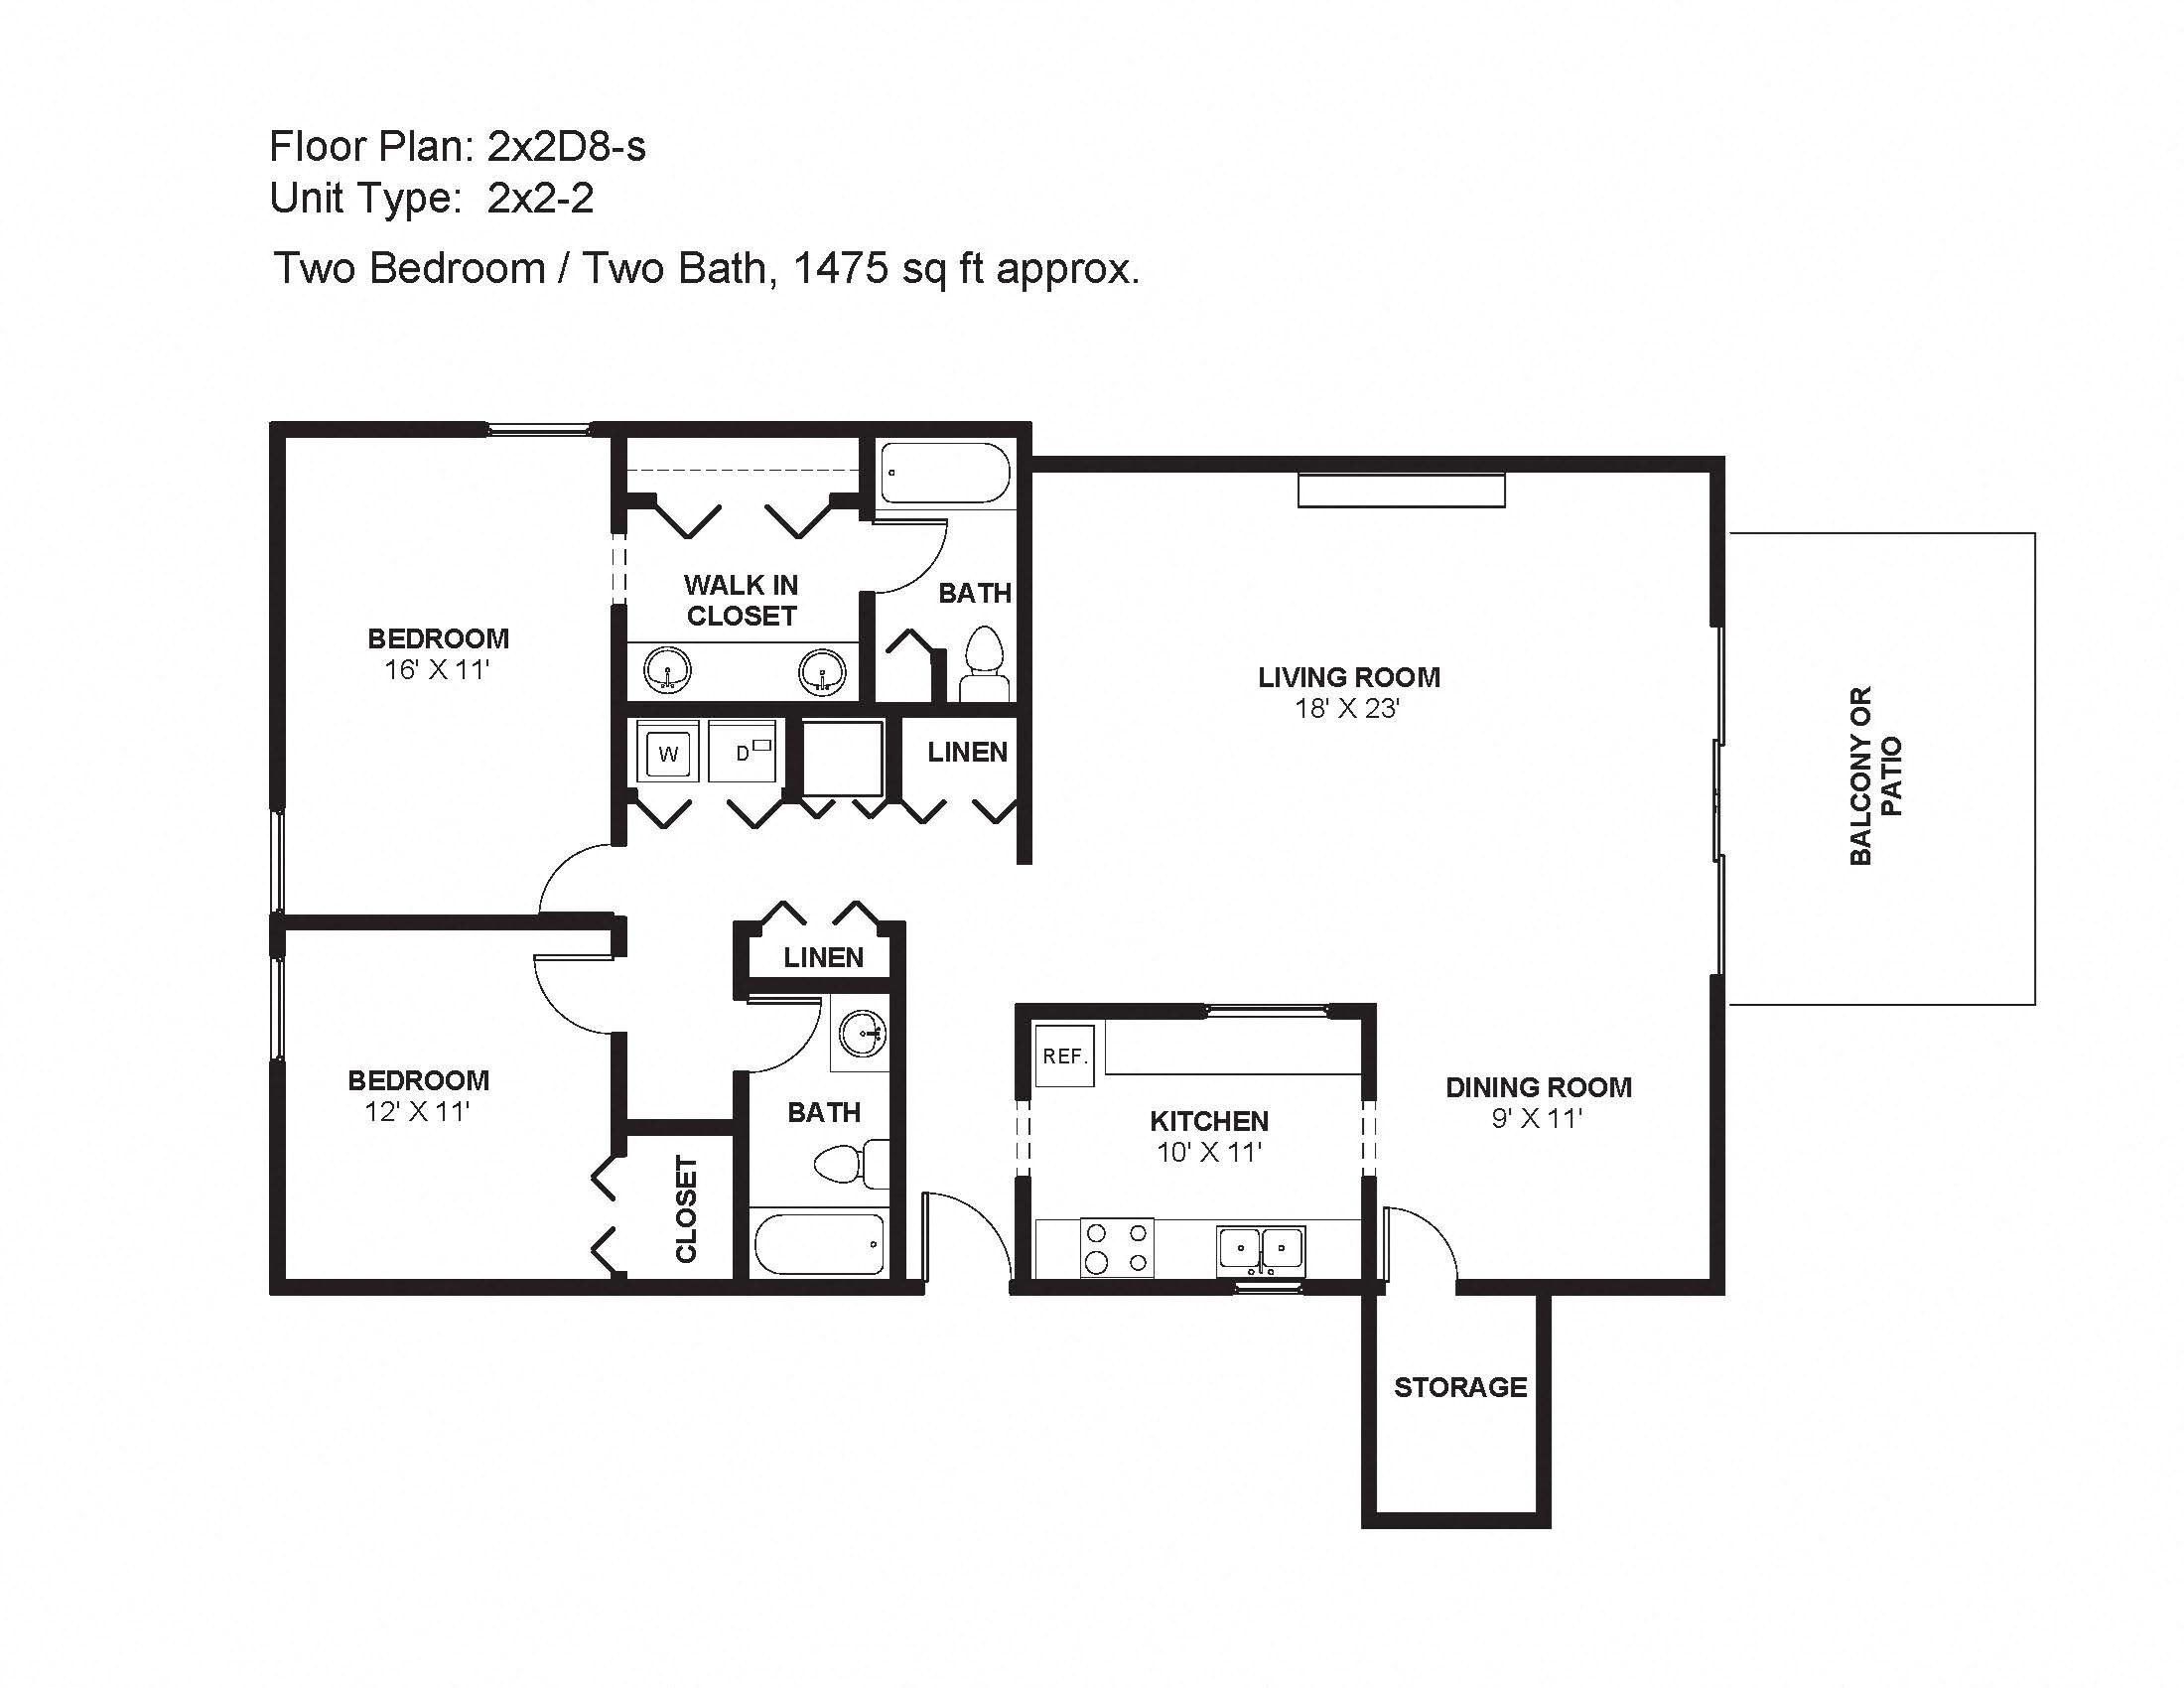 2x2D8s Floor Plan 24